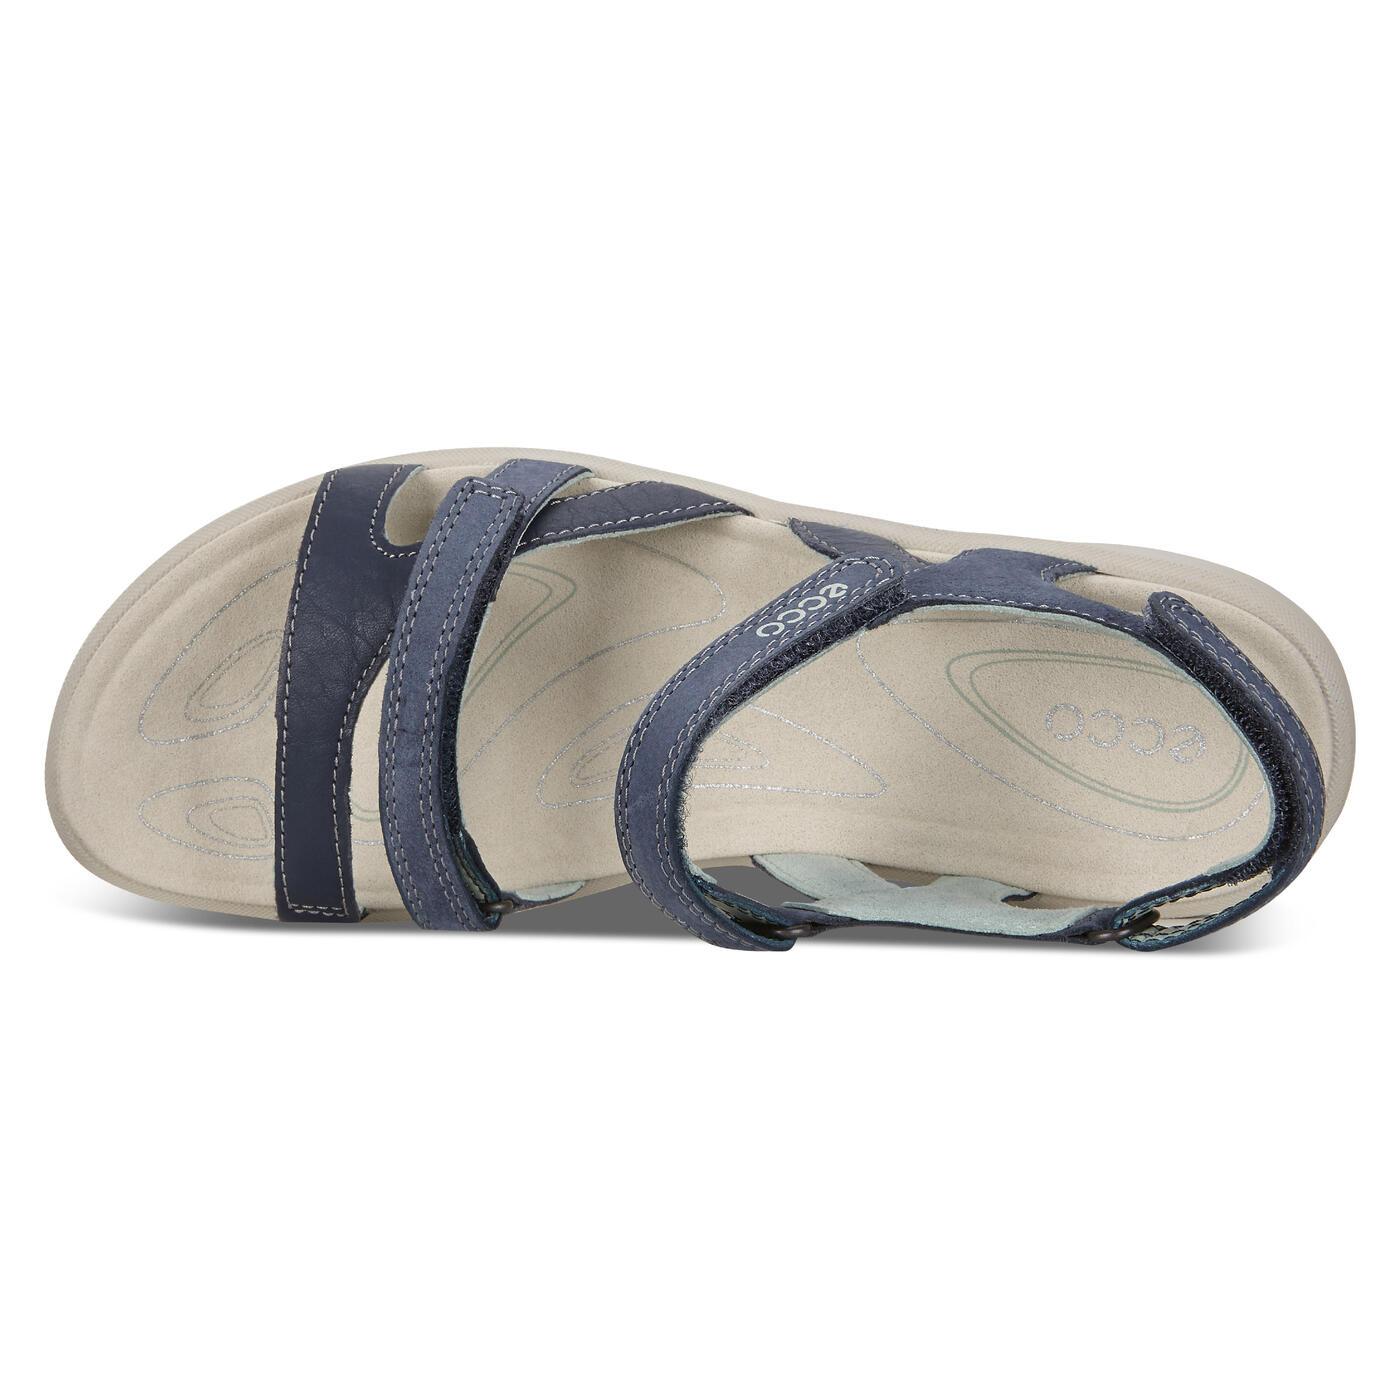 ECCO Cruise II Women's Sandals